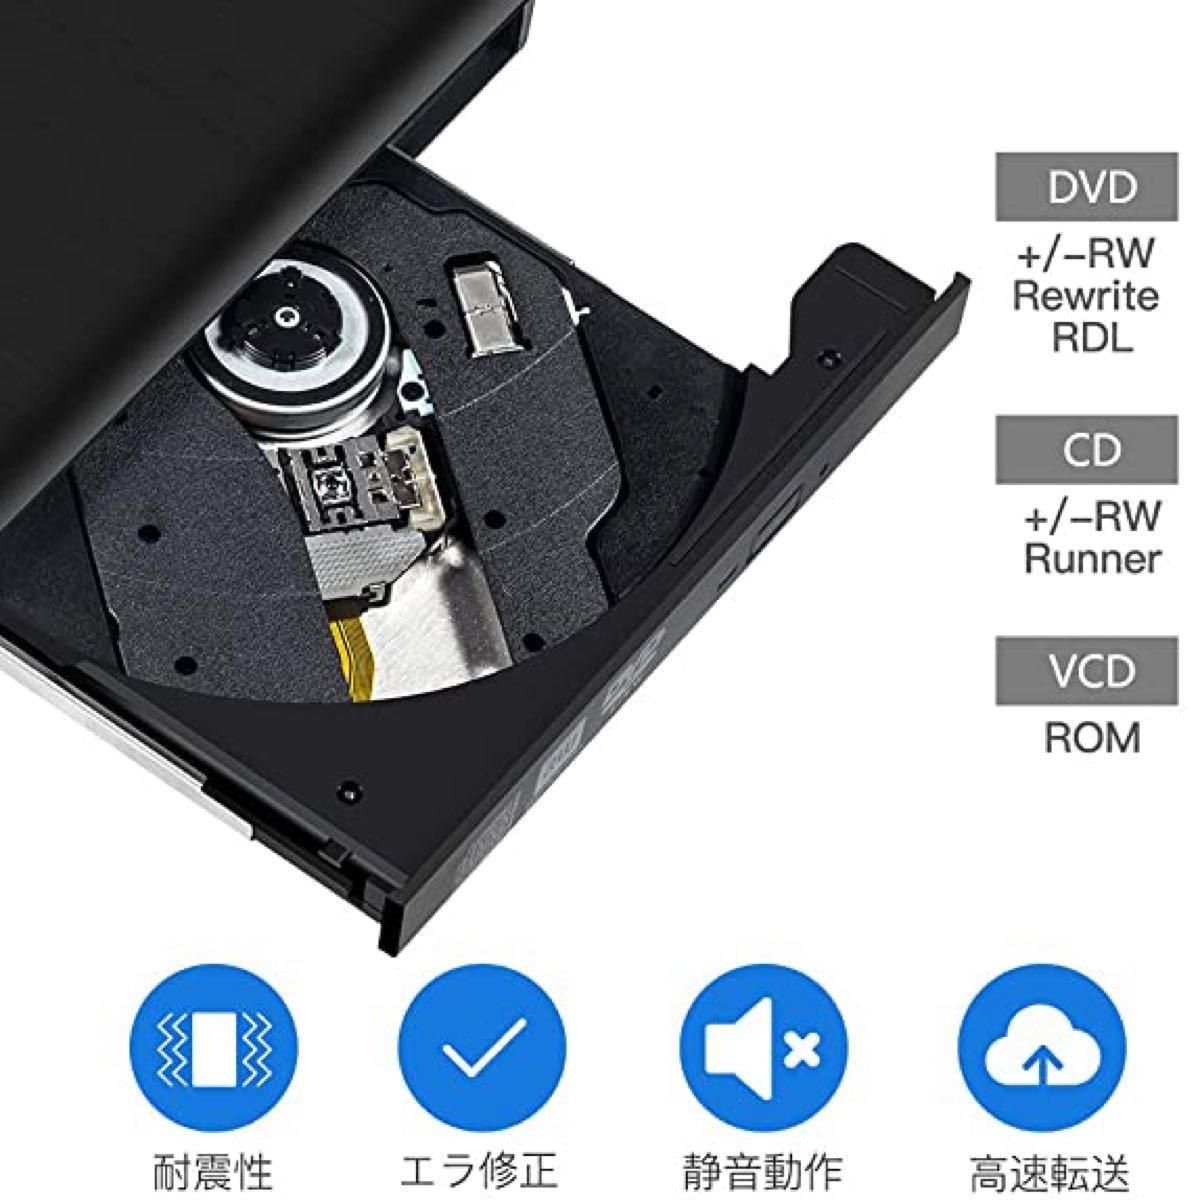 外付けDVDドライブ ポータブル DVDプレイヤー DVD±RW USB3.0 CD-RW Window 薄型